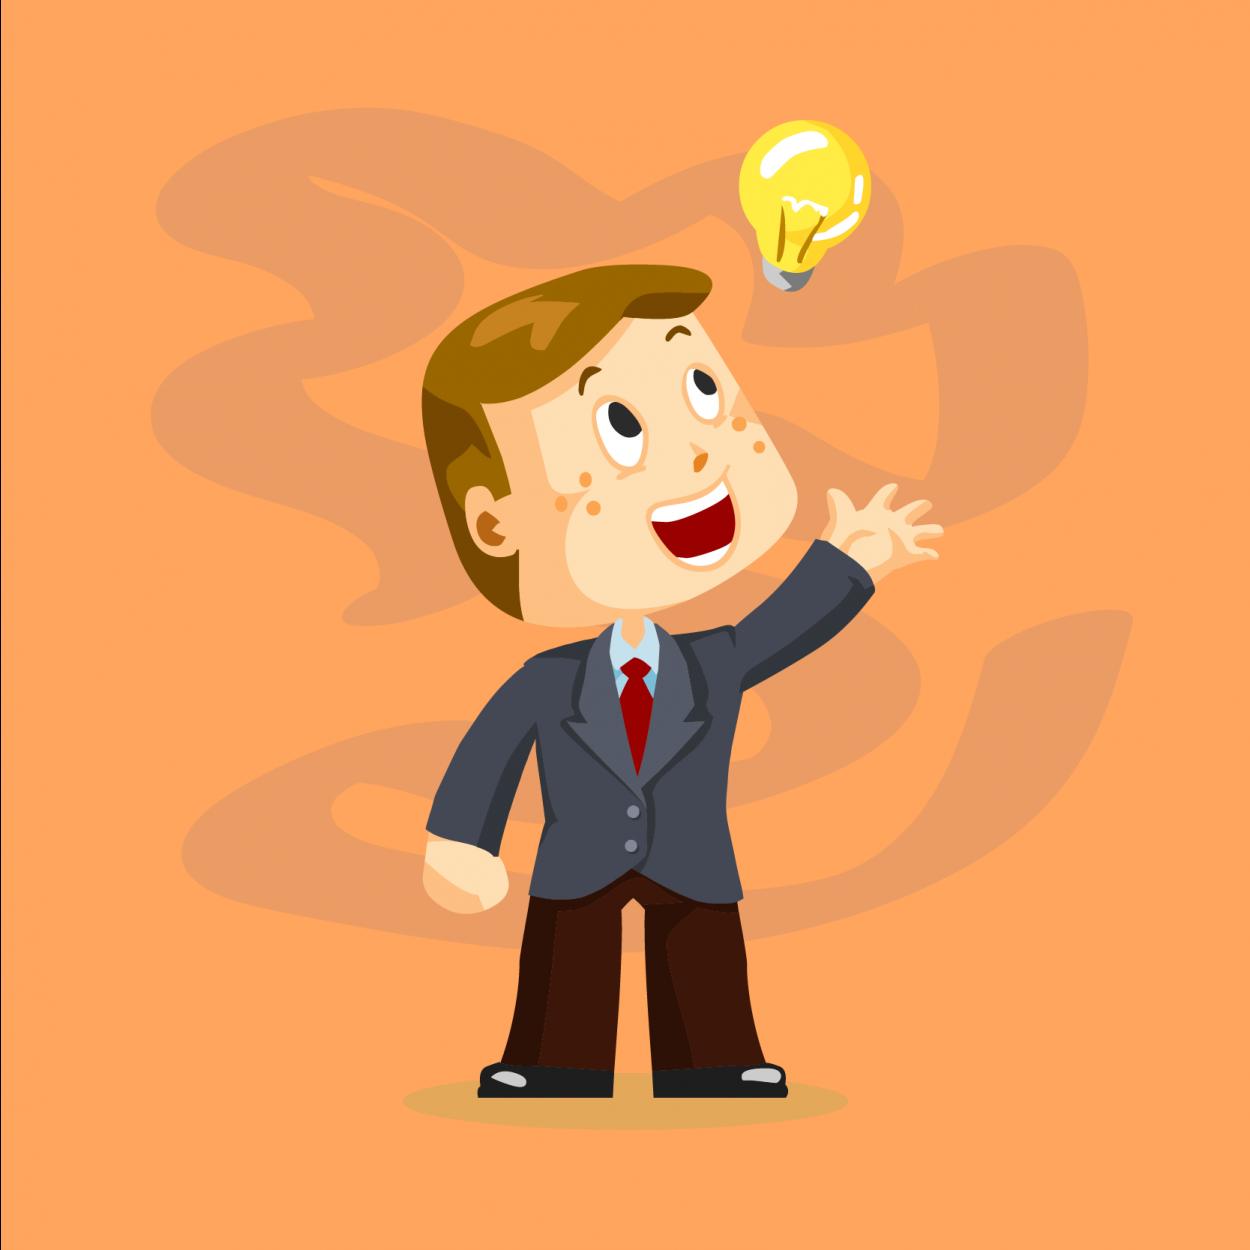 10 анекдотов для оптимистов пожизни